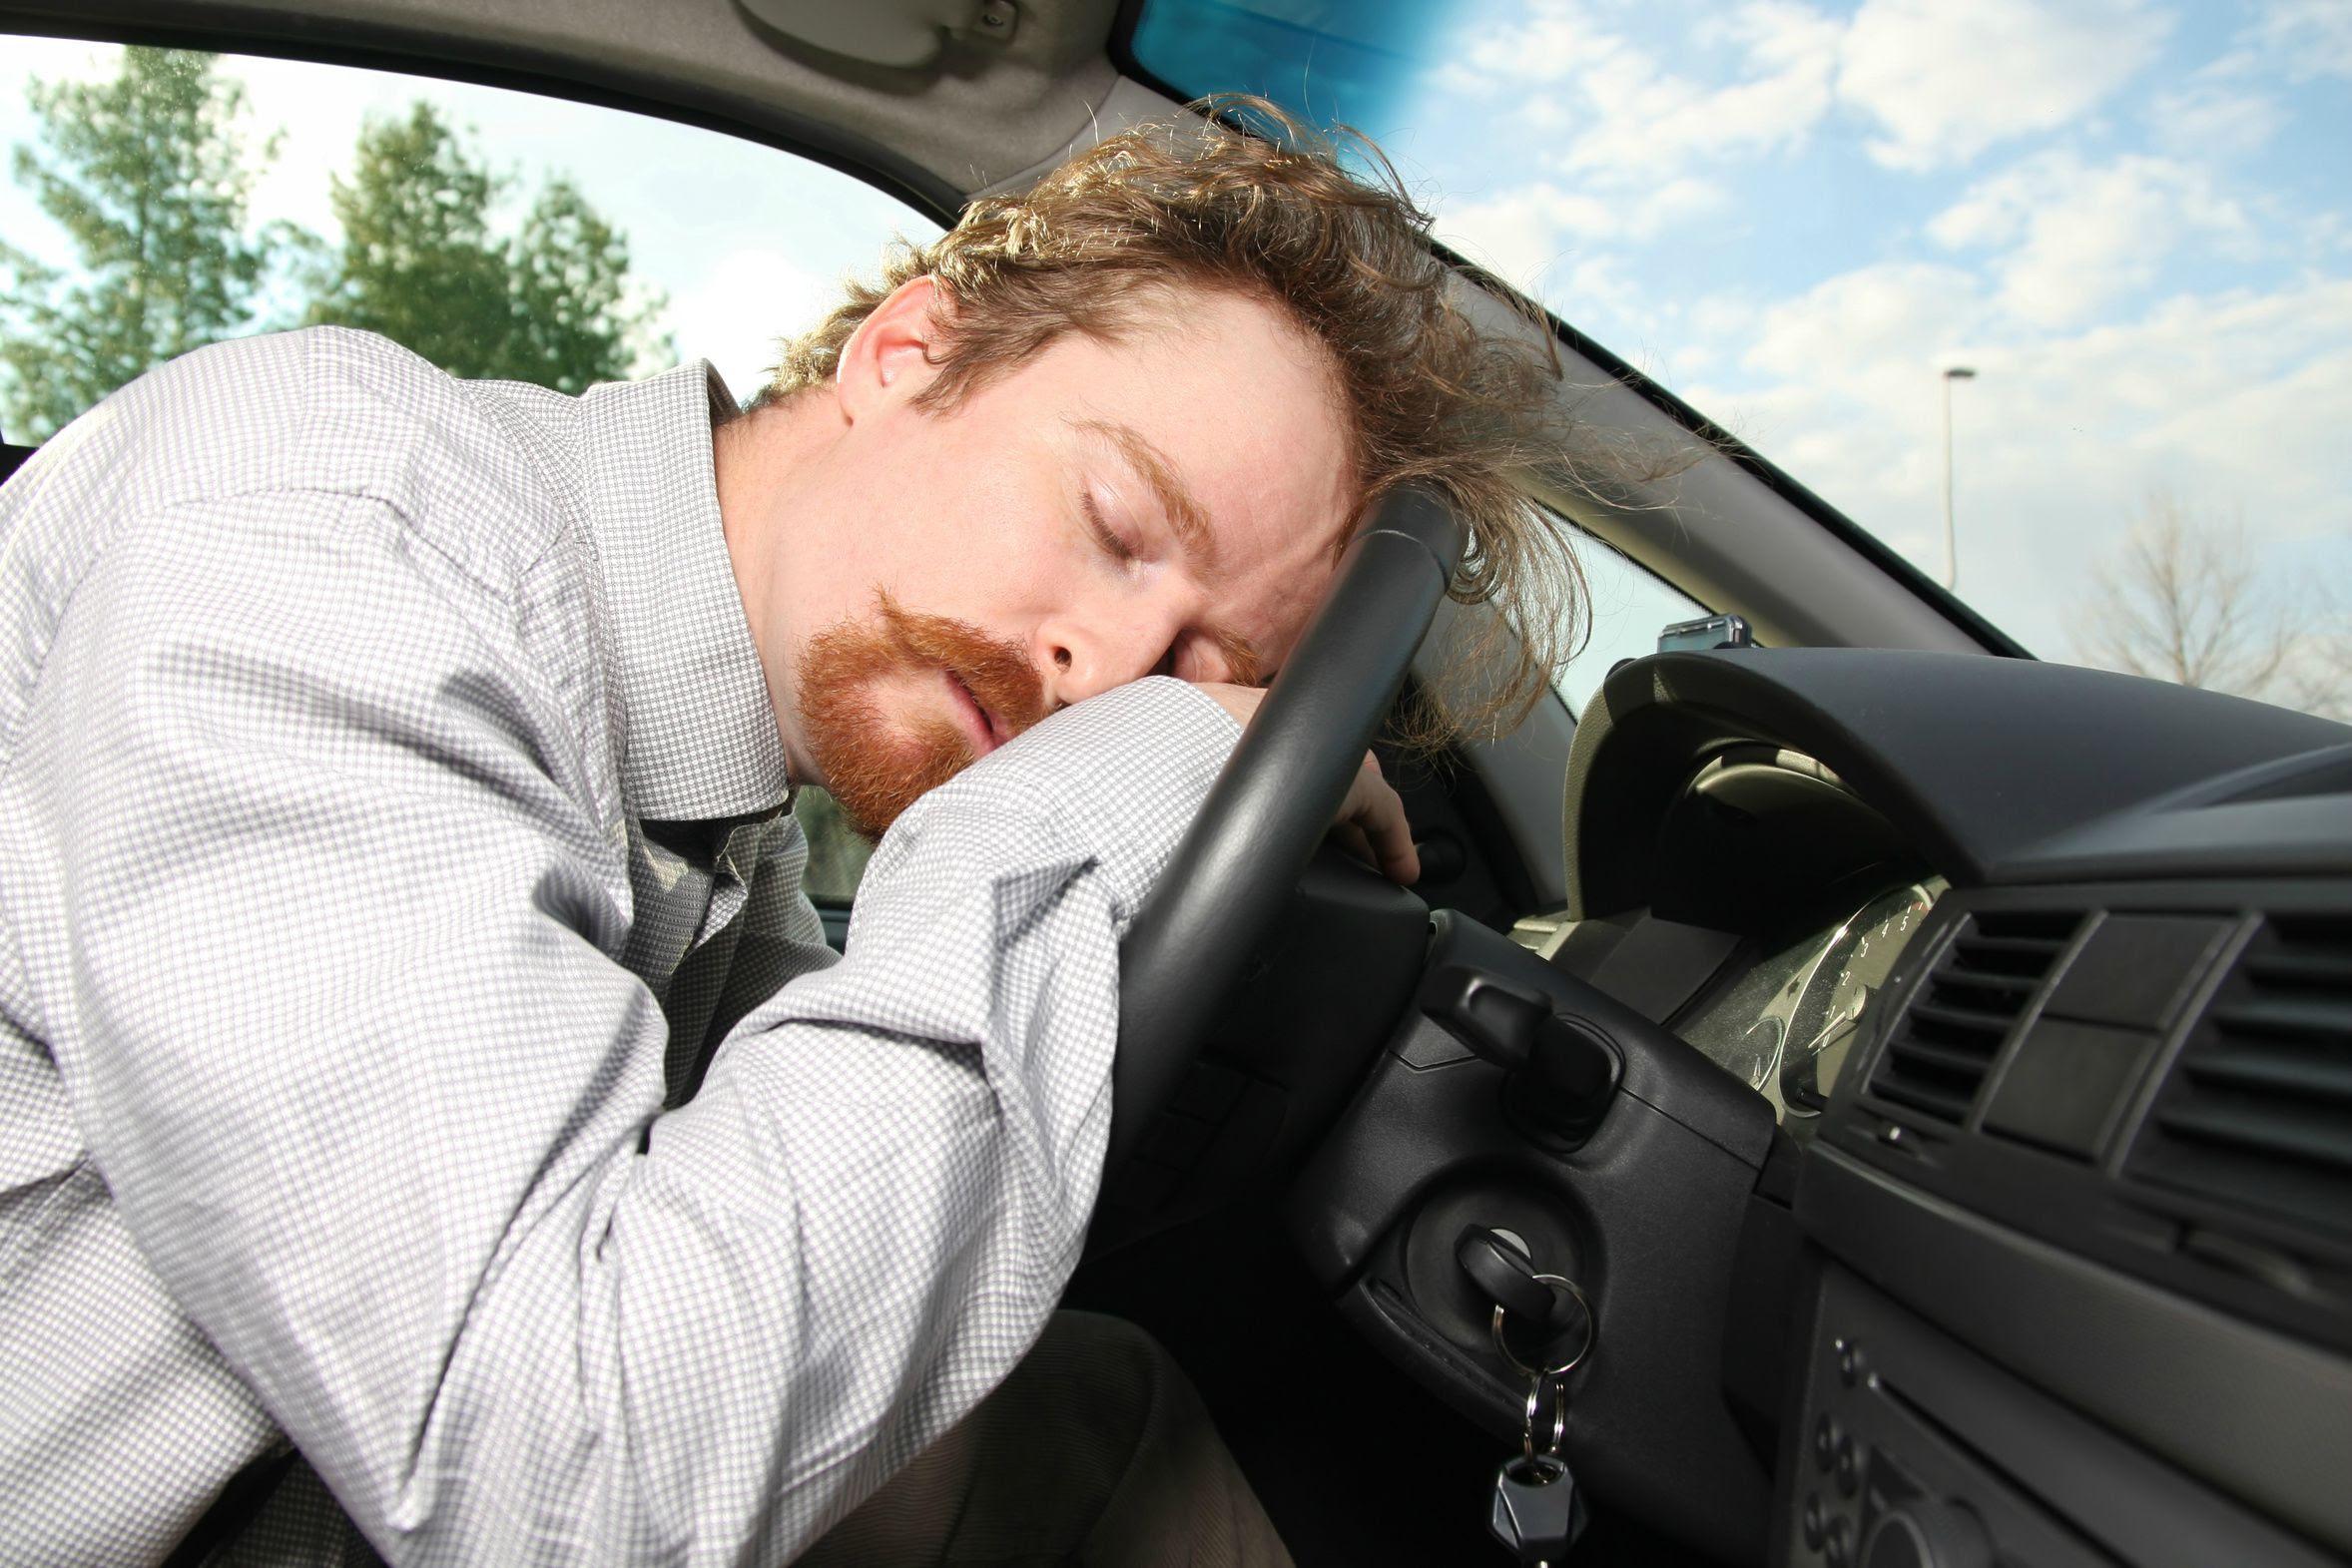 FOTO: Homem dormindo ao volante